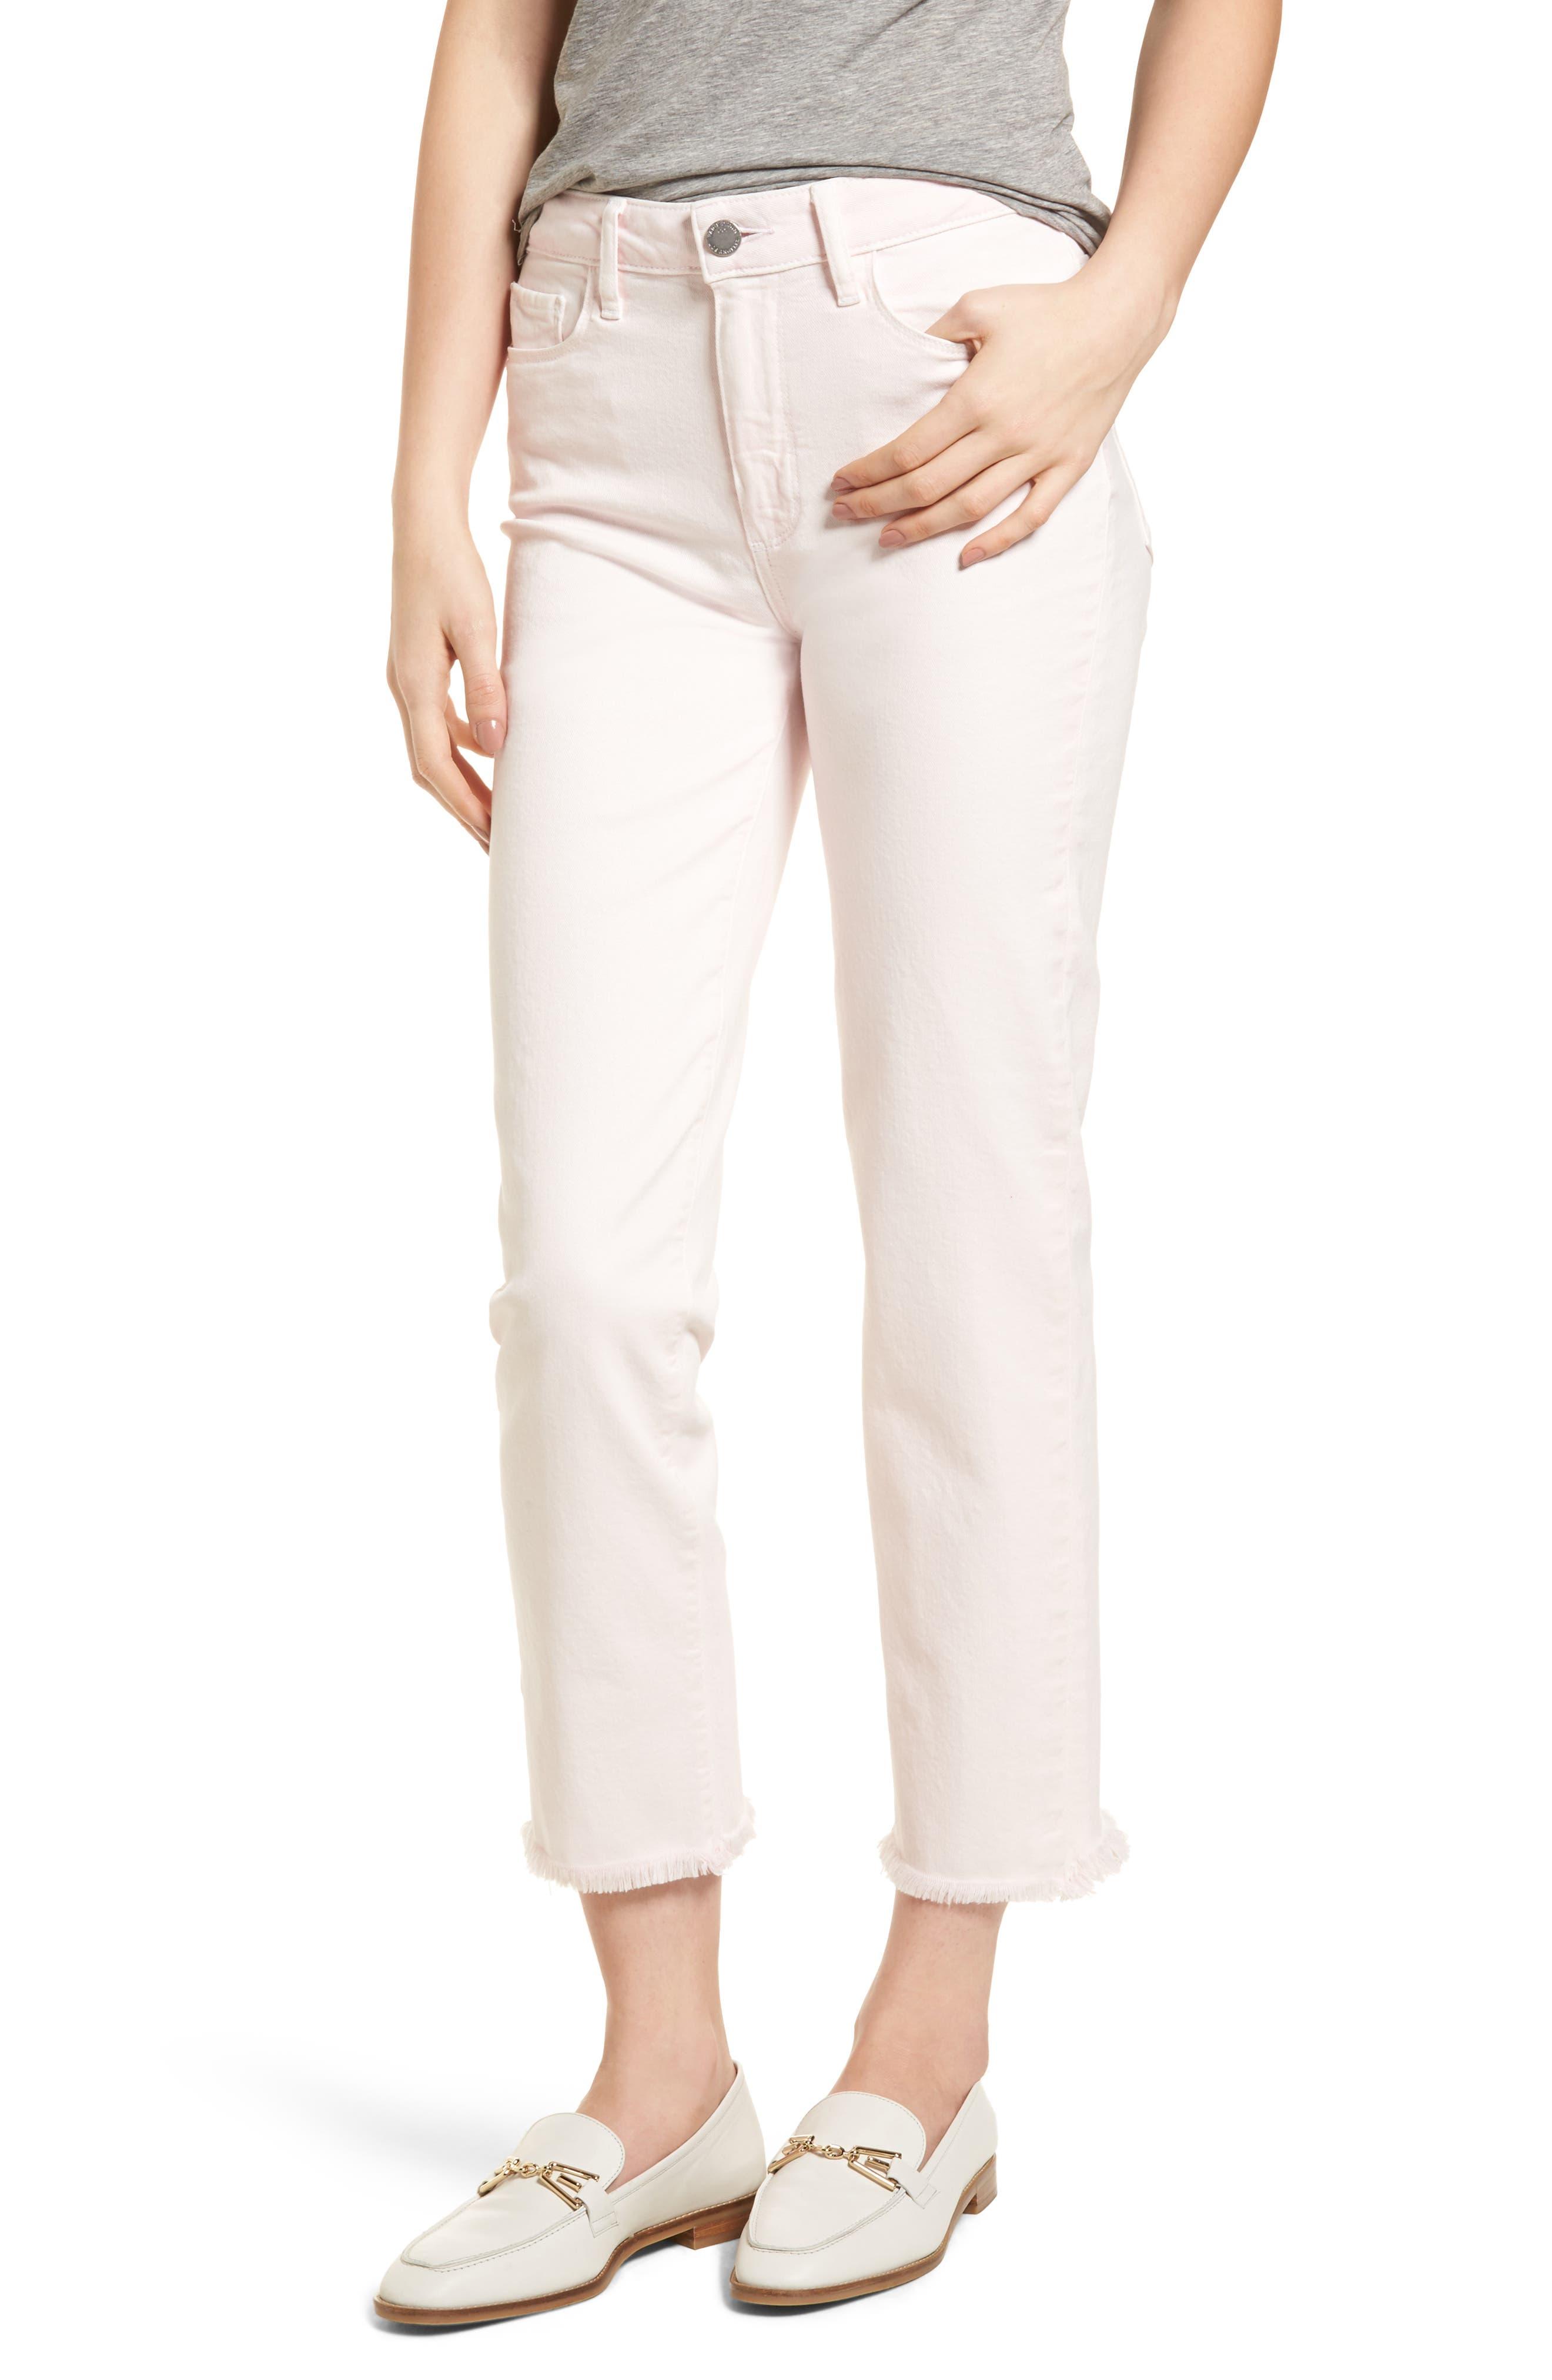 Hoxton High Waist Ankle Straight Leg Jeans,                         Main,                         color, 650